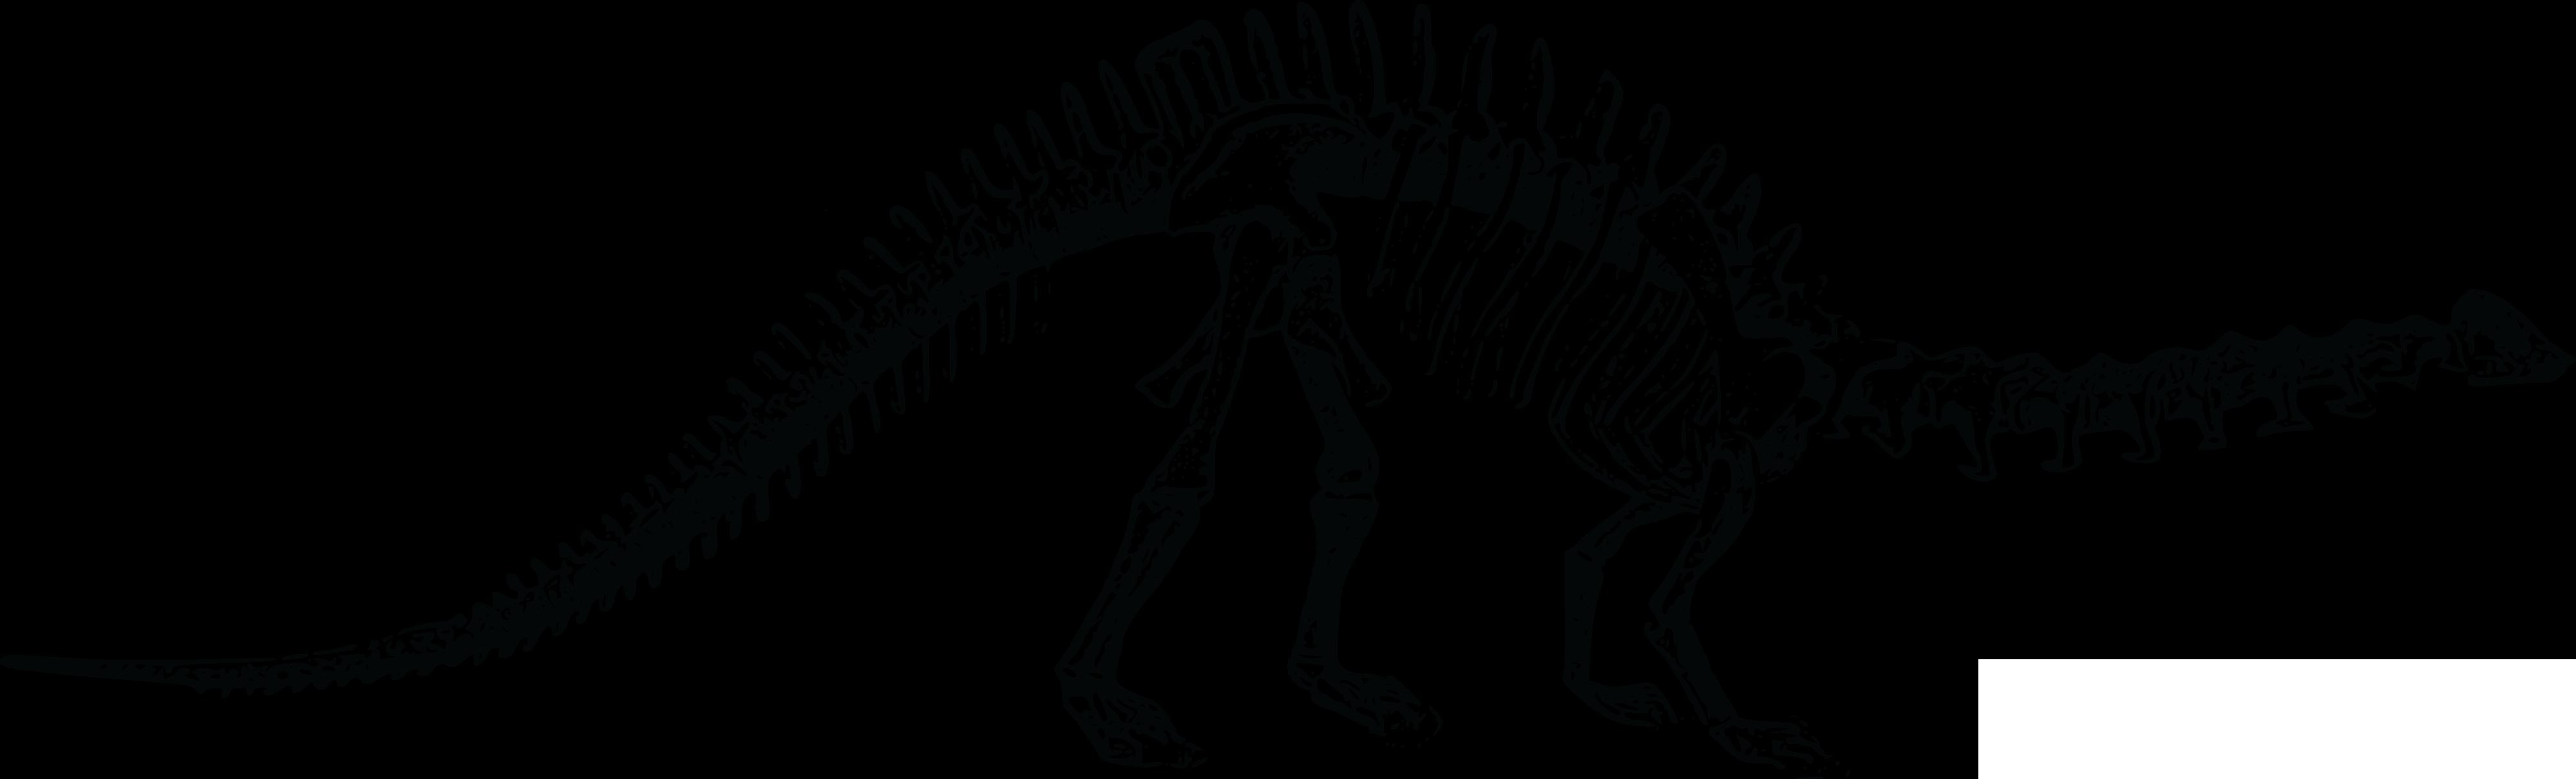 Dinosaur skeleton clip art. Fossil clipart stegosaurus